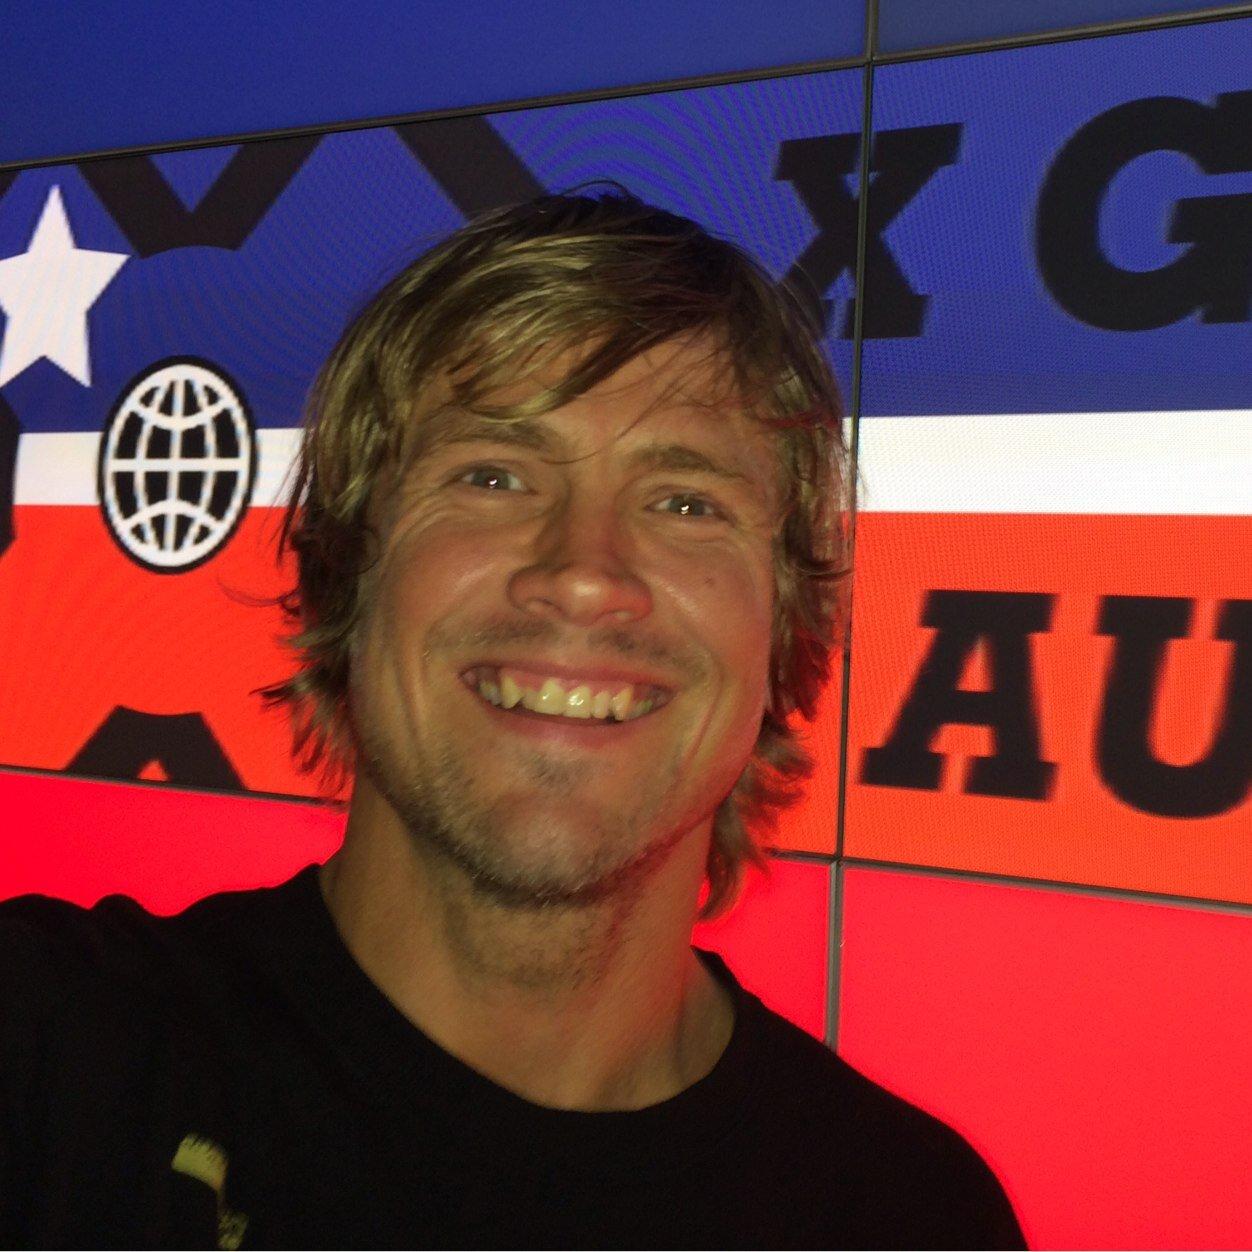 Rasmus Kjeldsen